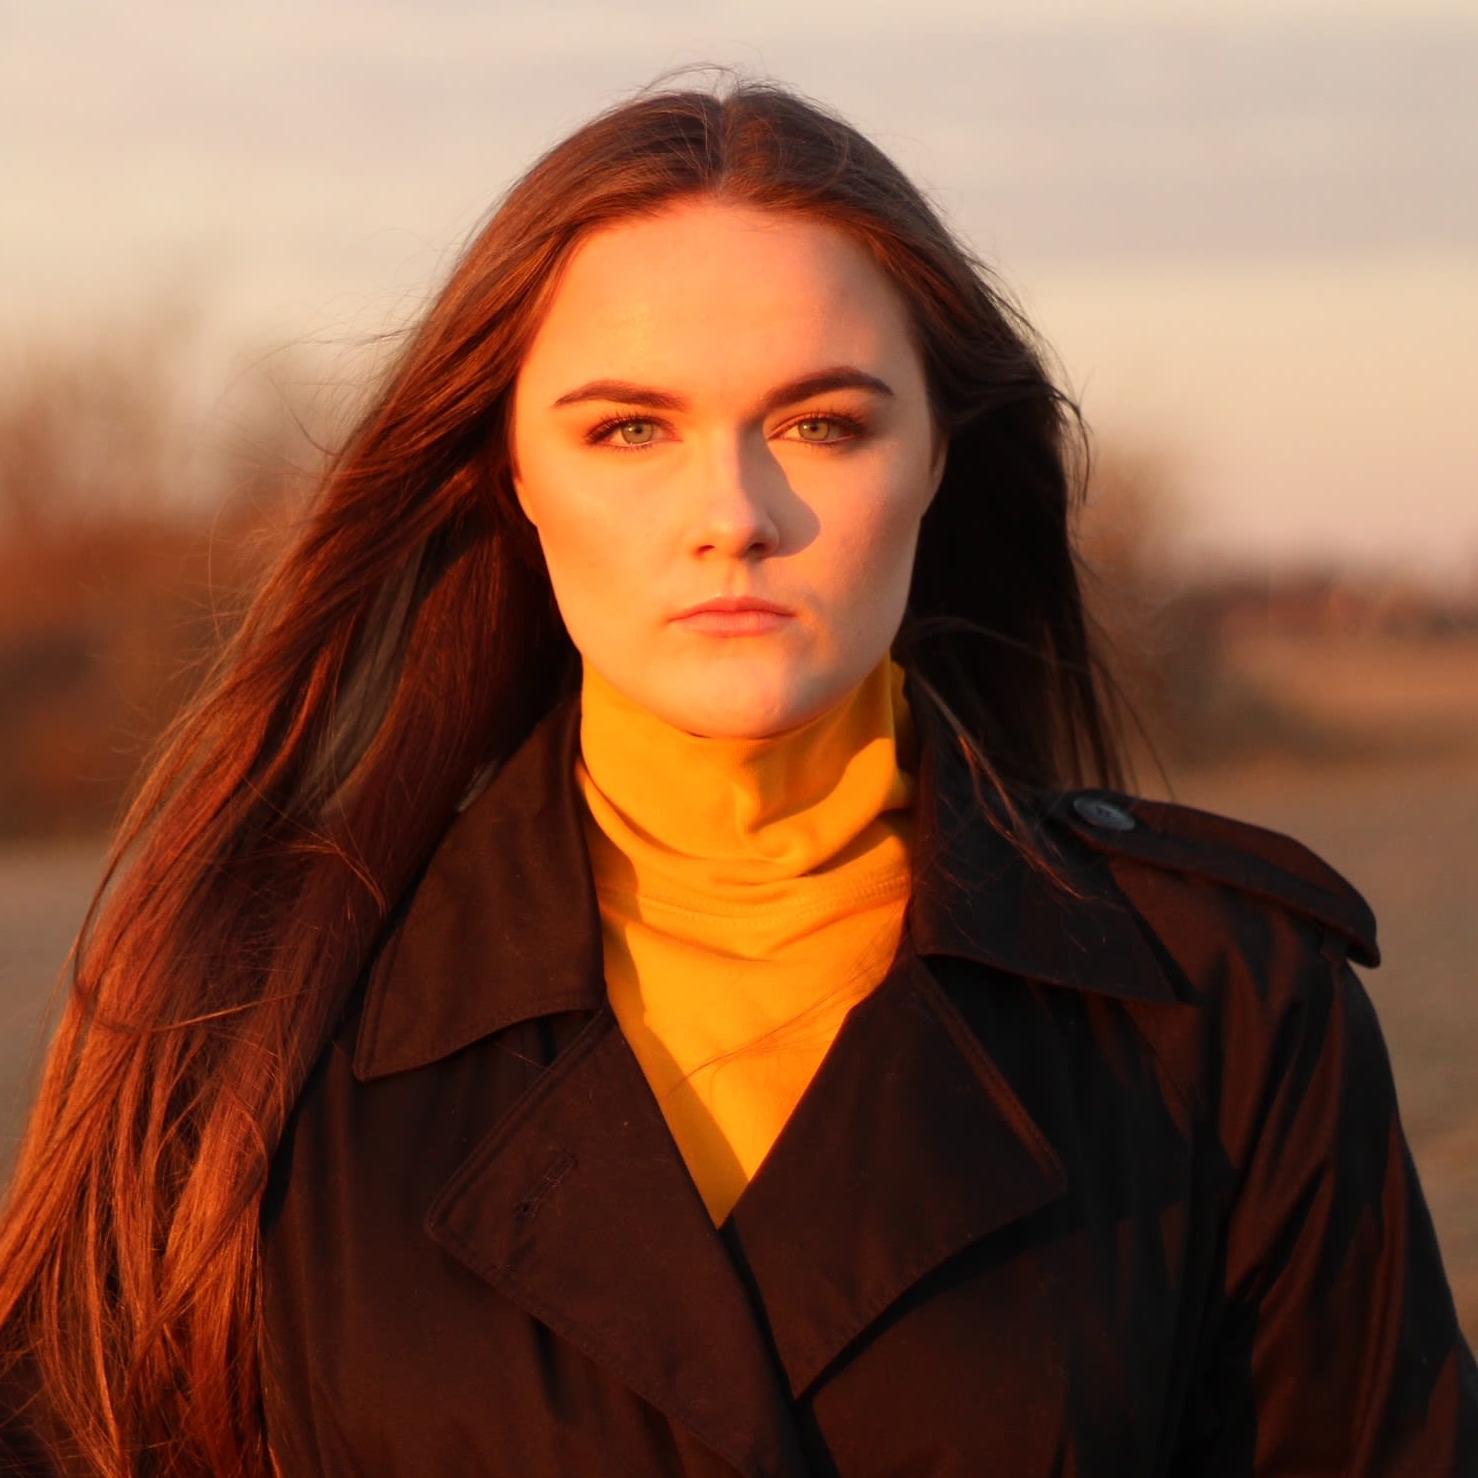 Rebekah Young